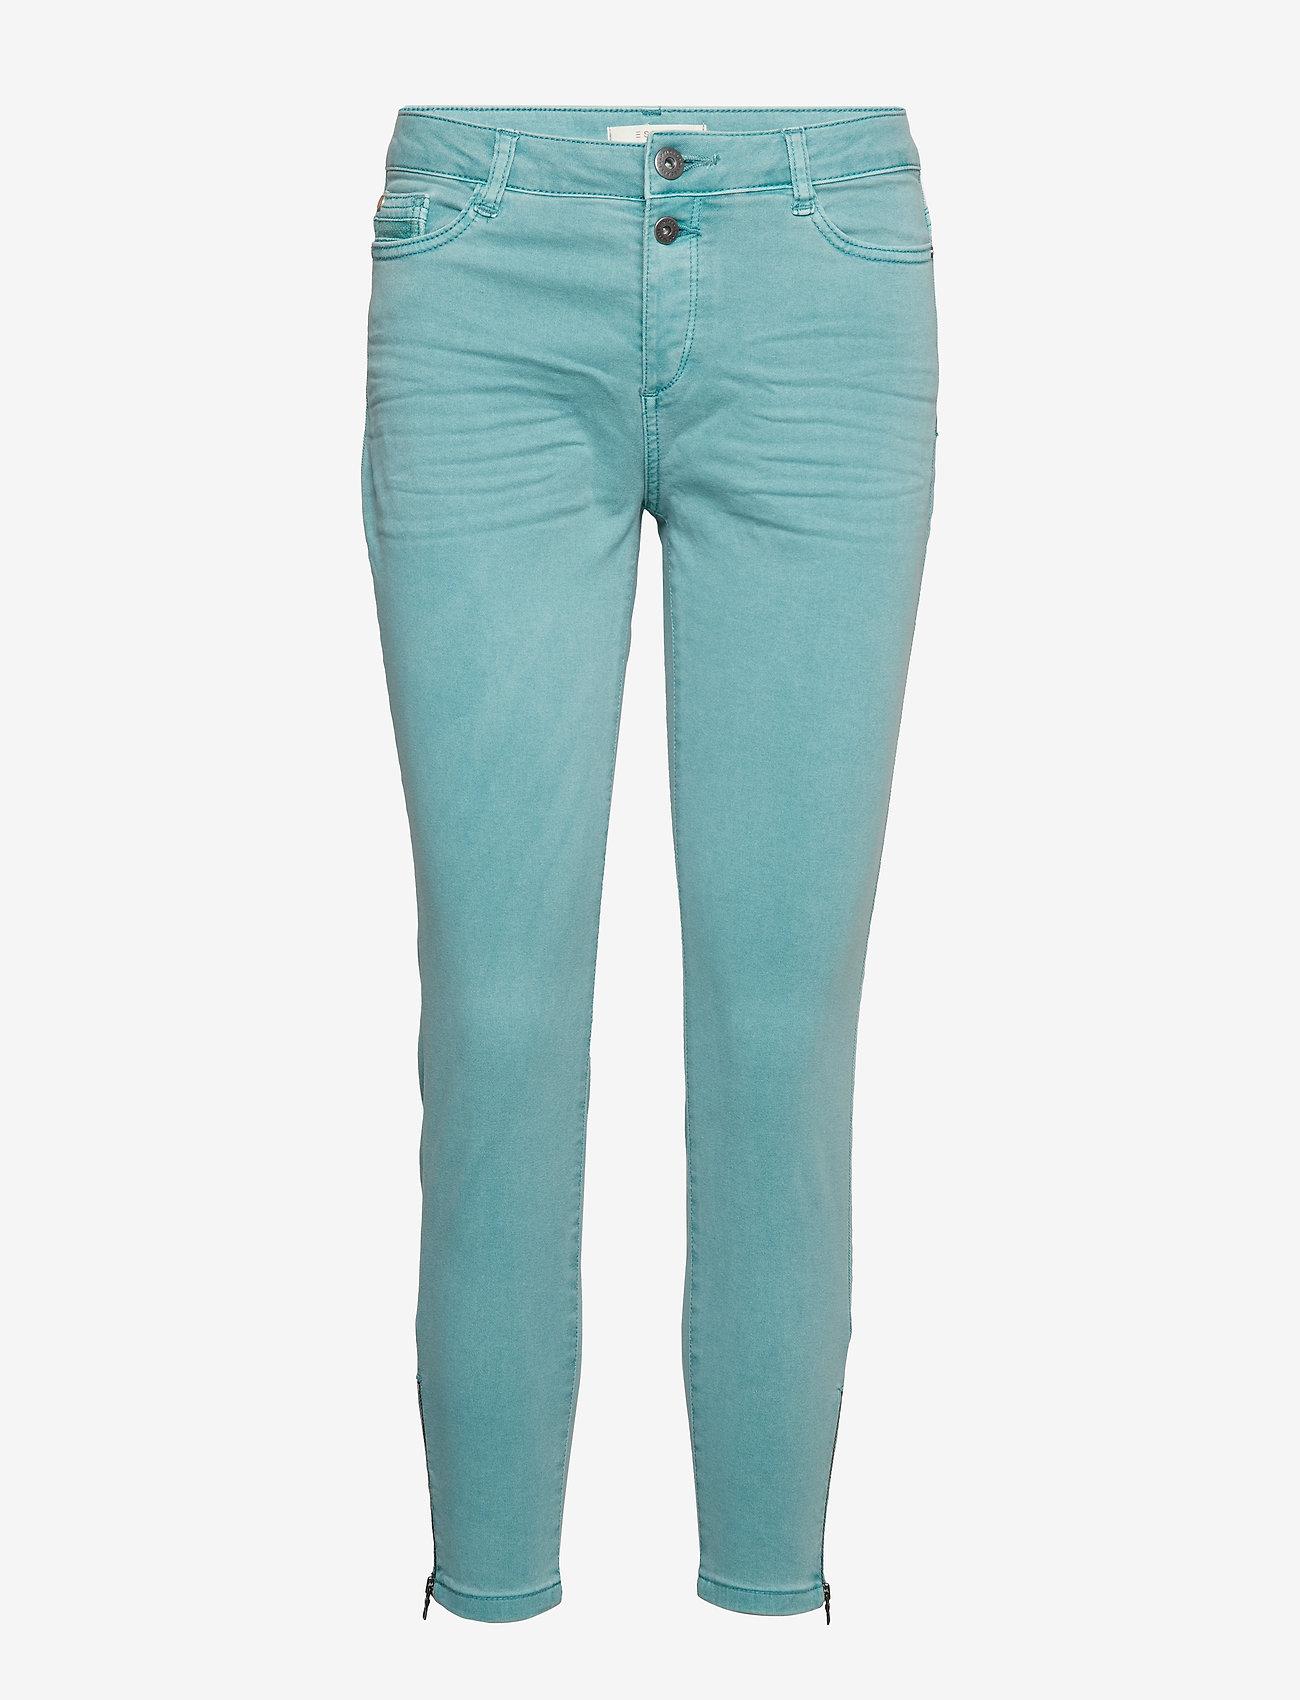 Esprit Casual - Pants woven - skinny jeans - light aqua green - 0